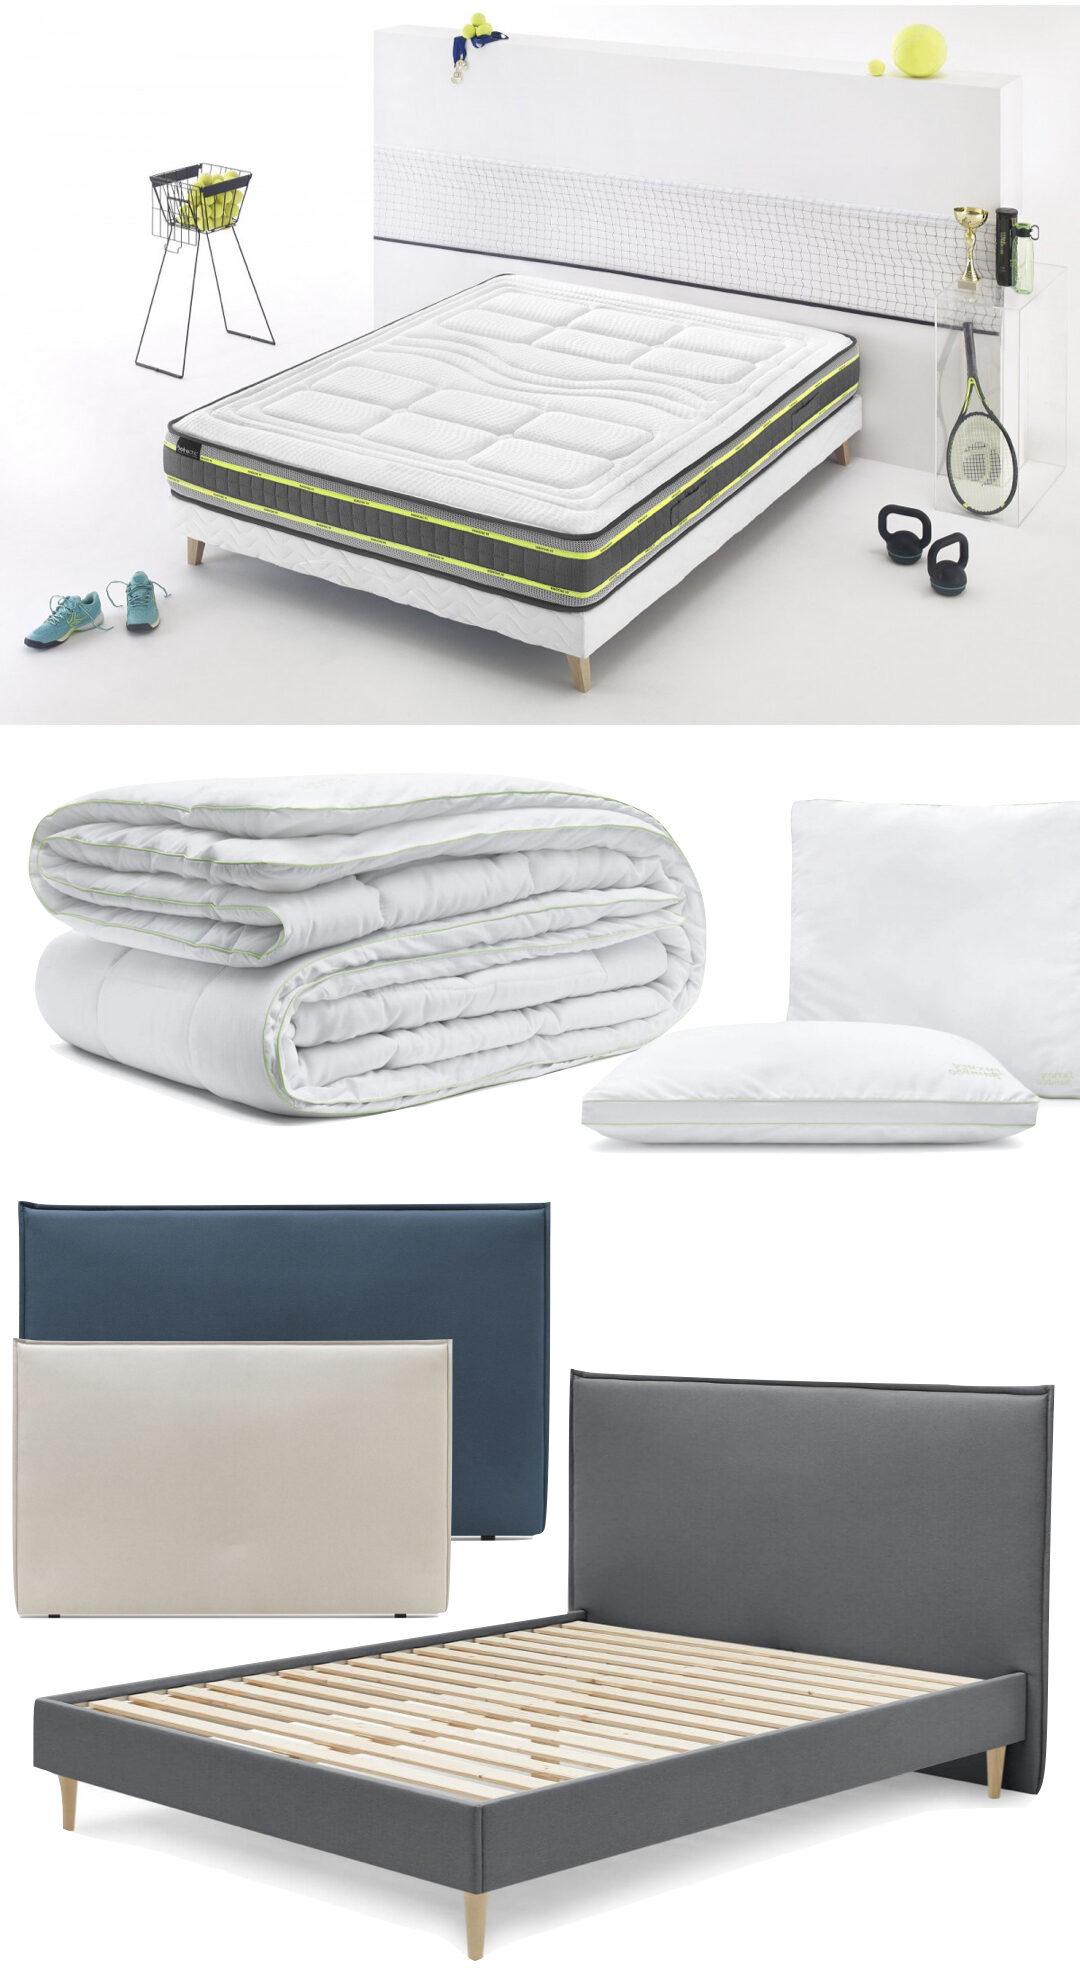 aménagement lit adolescent sportif repos sommeil confort meuble bobochic